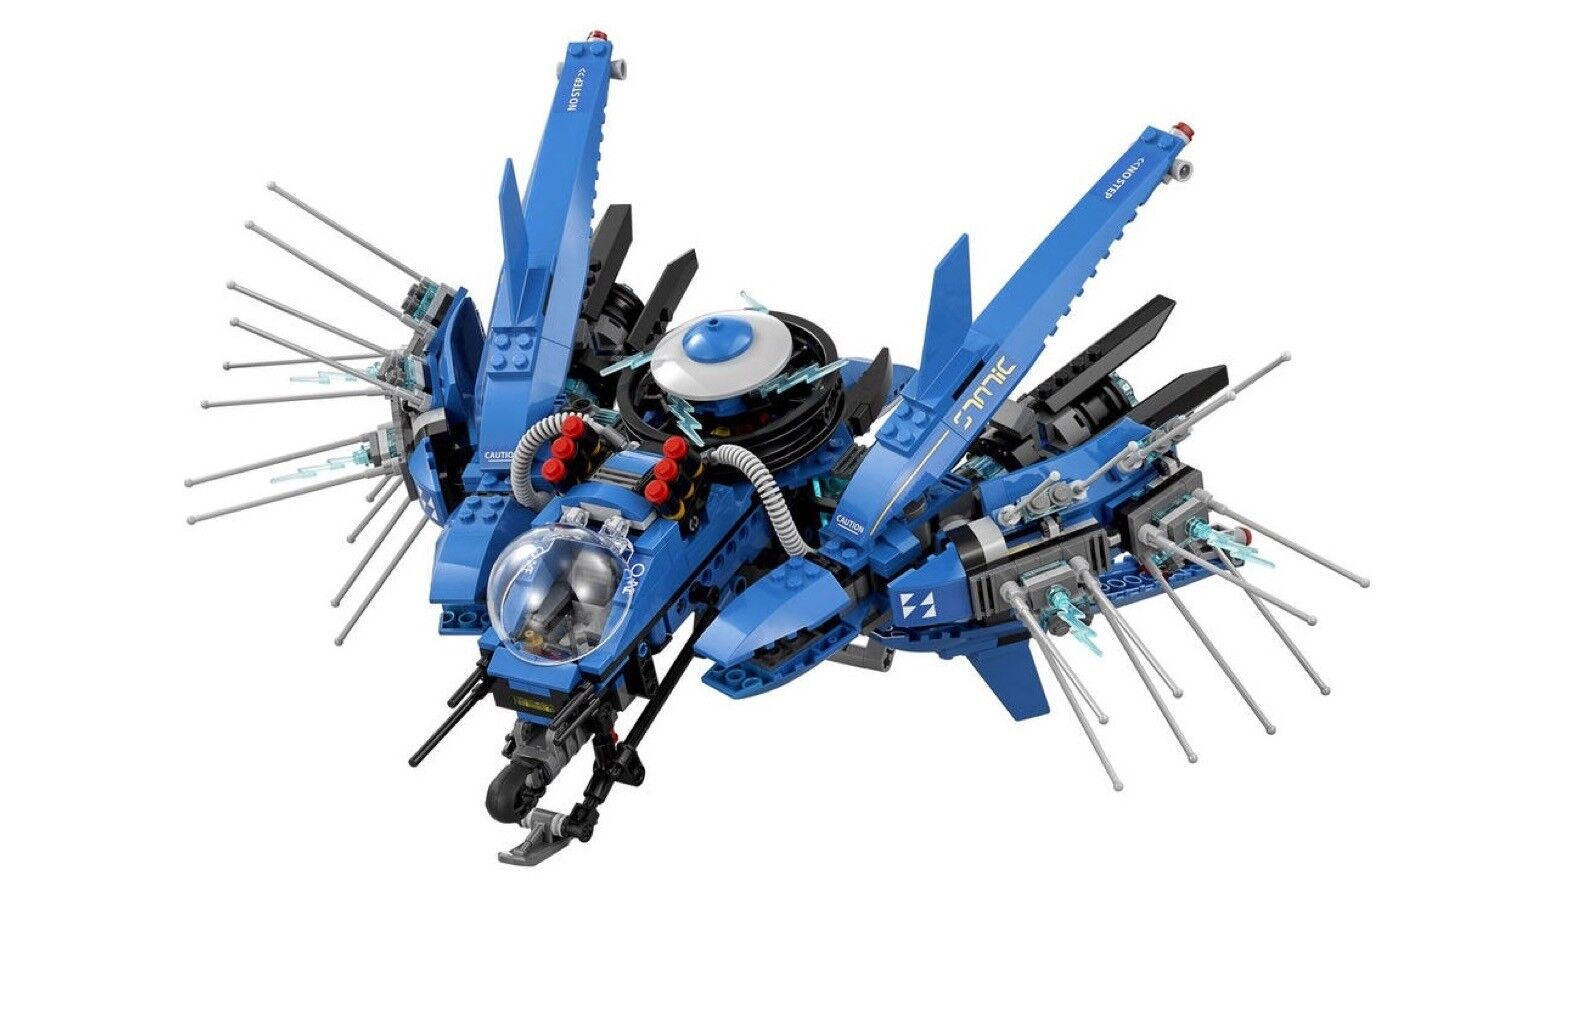 LEGO Ninjago - 70614  Lightning Jet - No Minifigures Box Crab